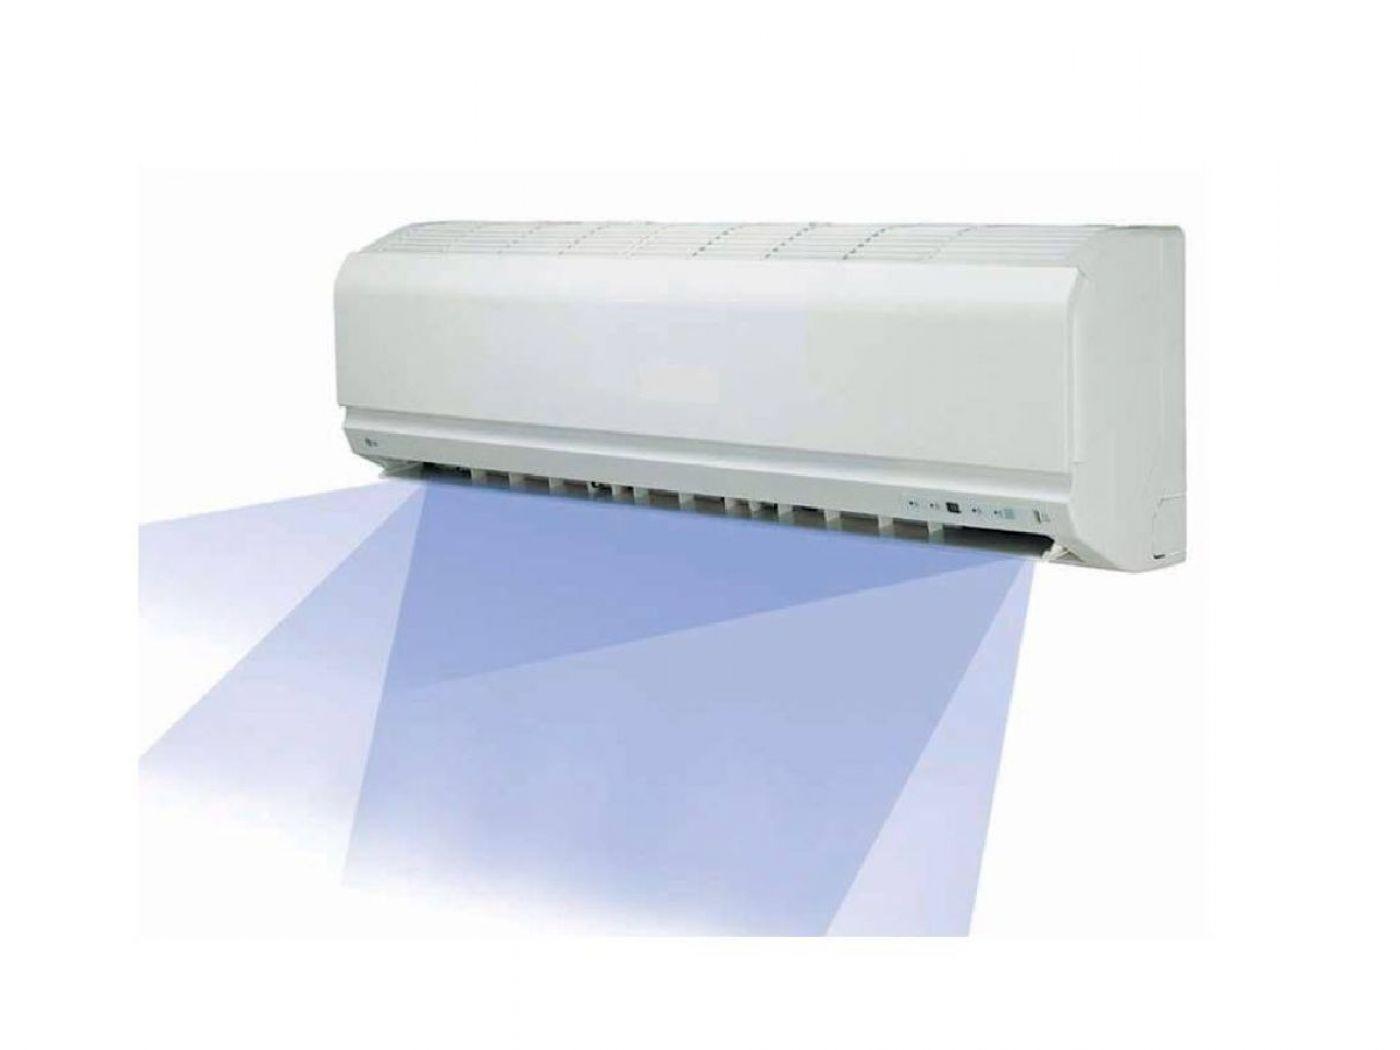 Slaapkamer Koelen : Wat is airconditioning en welke modellen zijn er ...